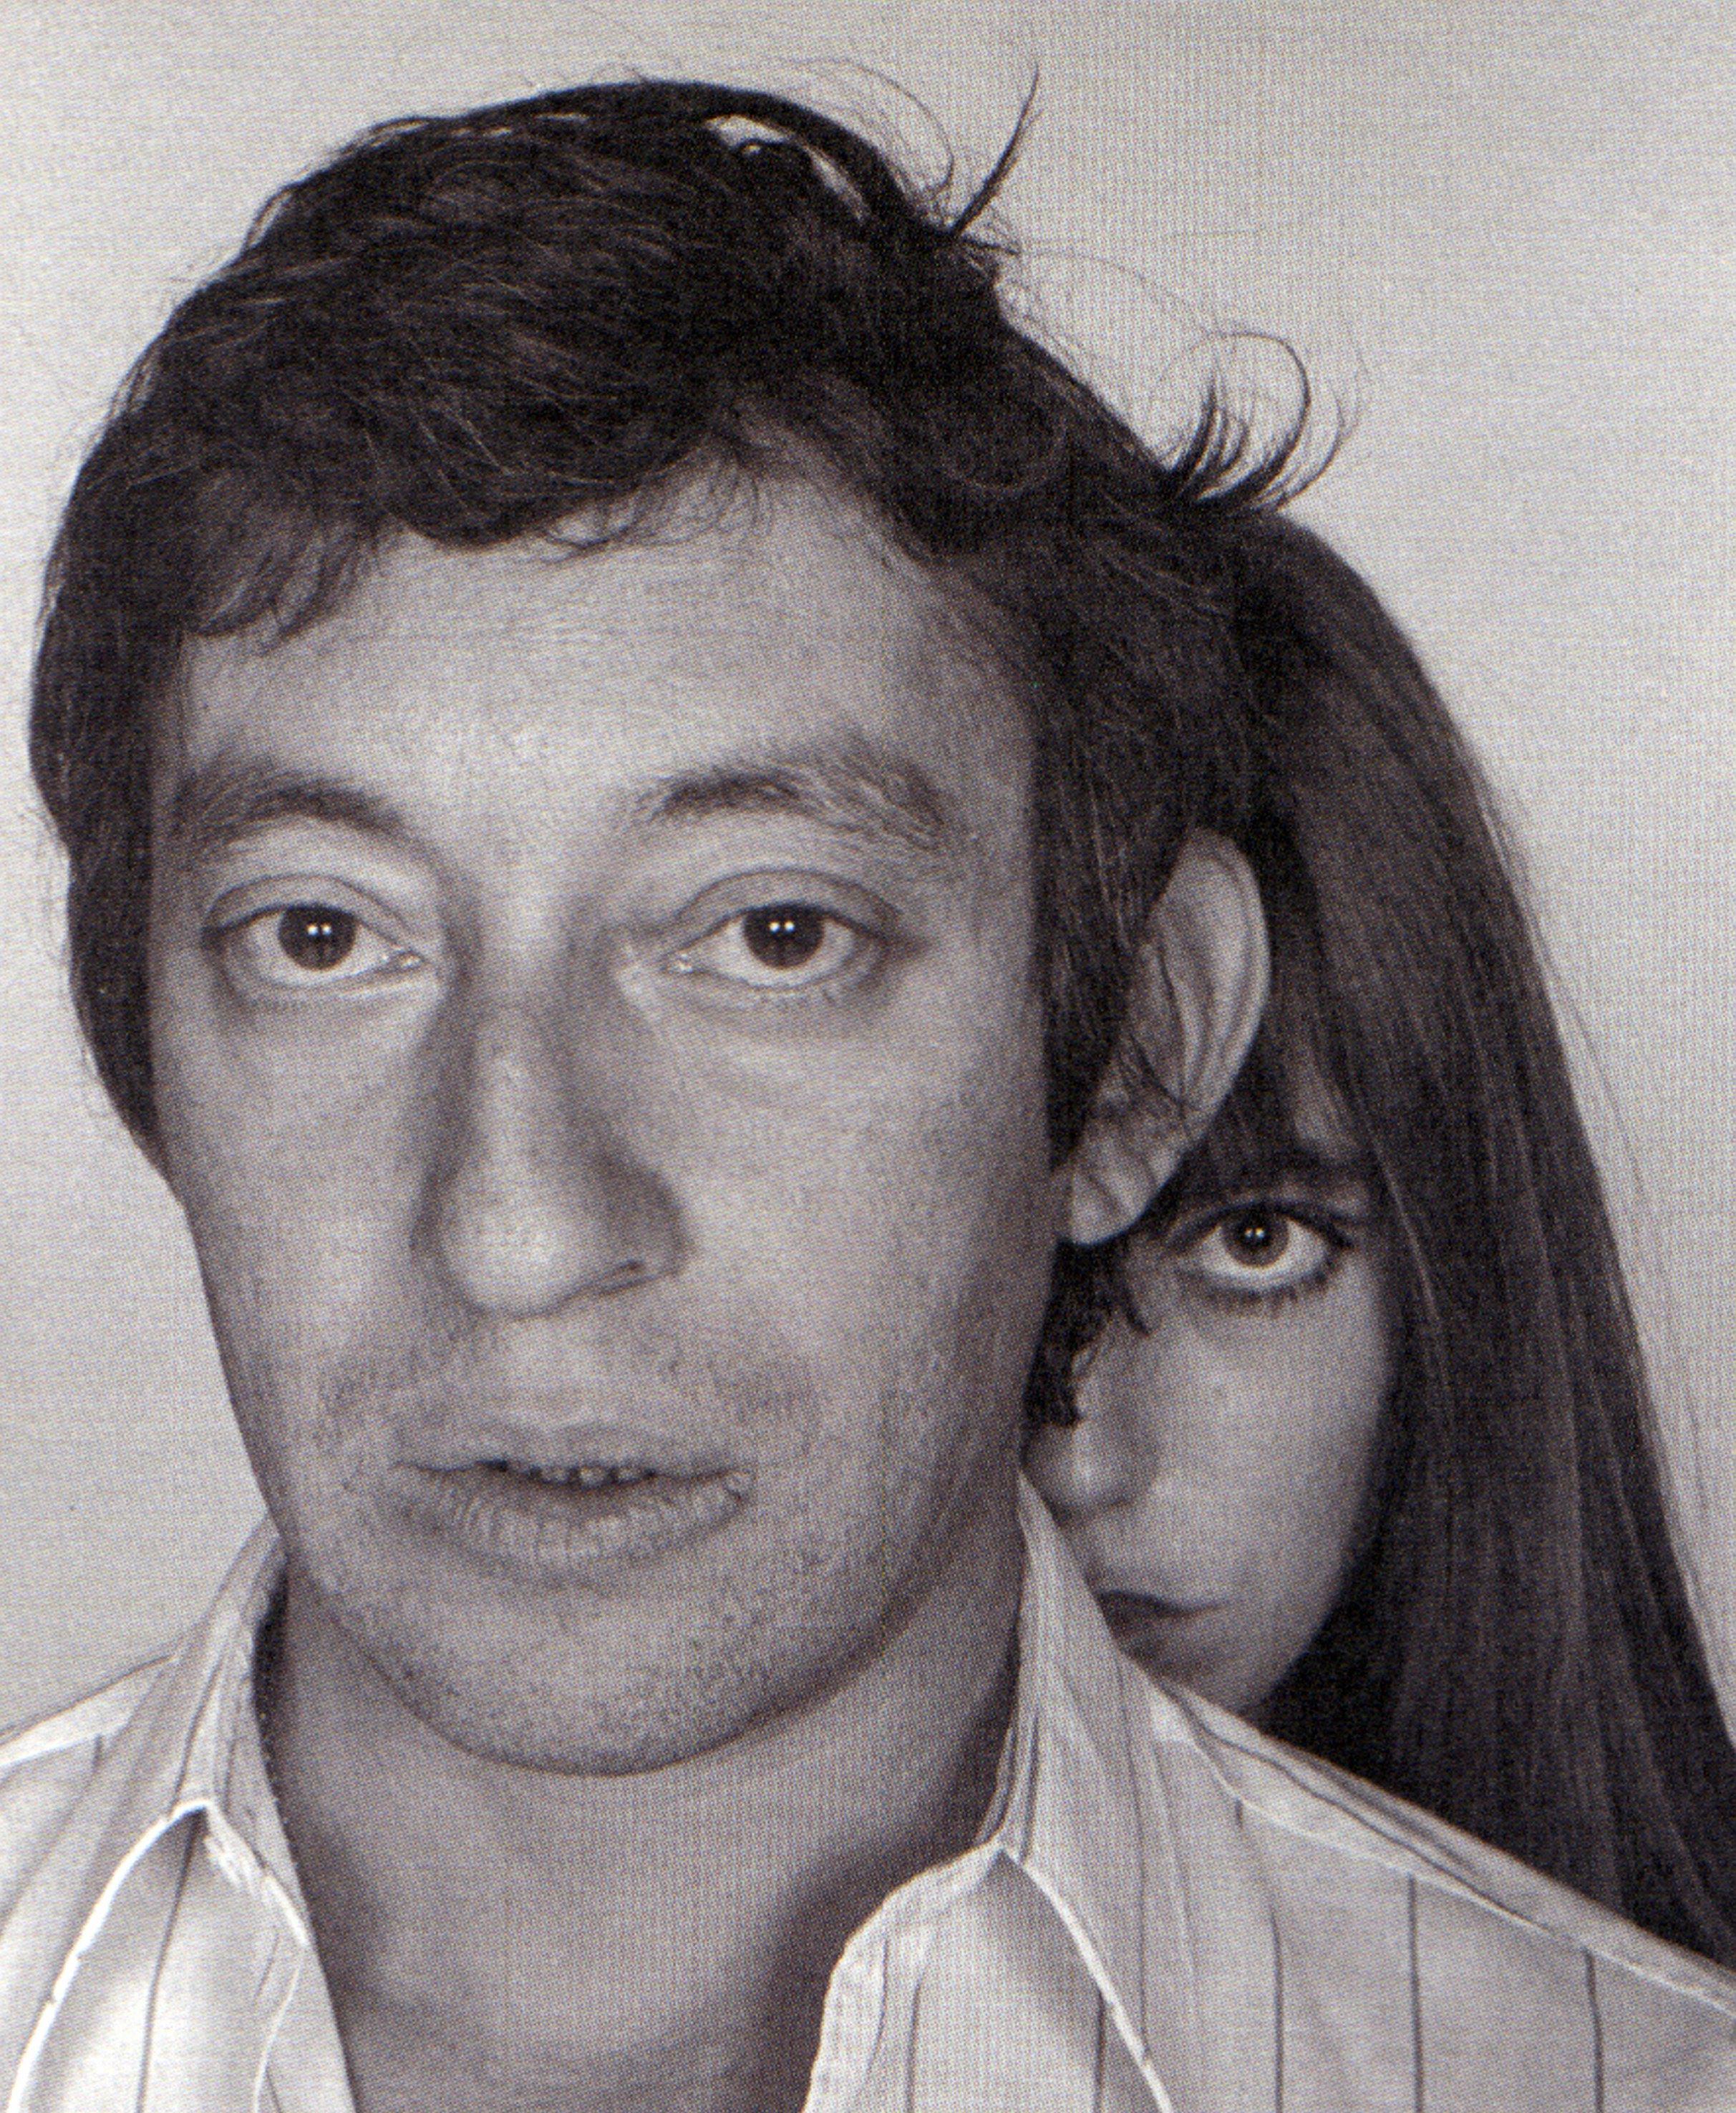 Es gibt unzählige Portraitfotos des beliebten Paares